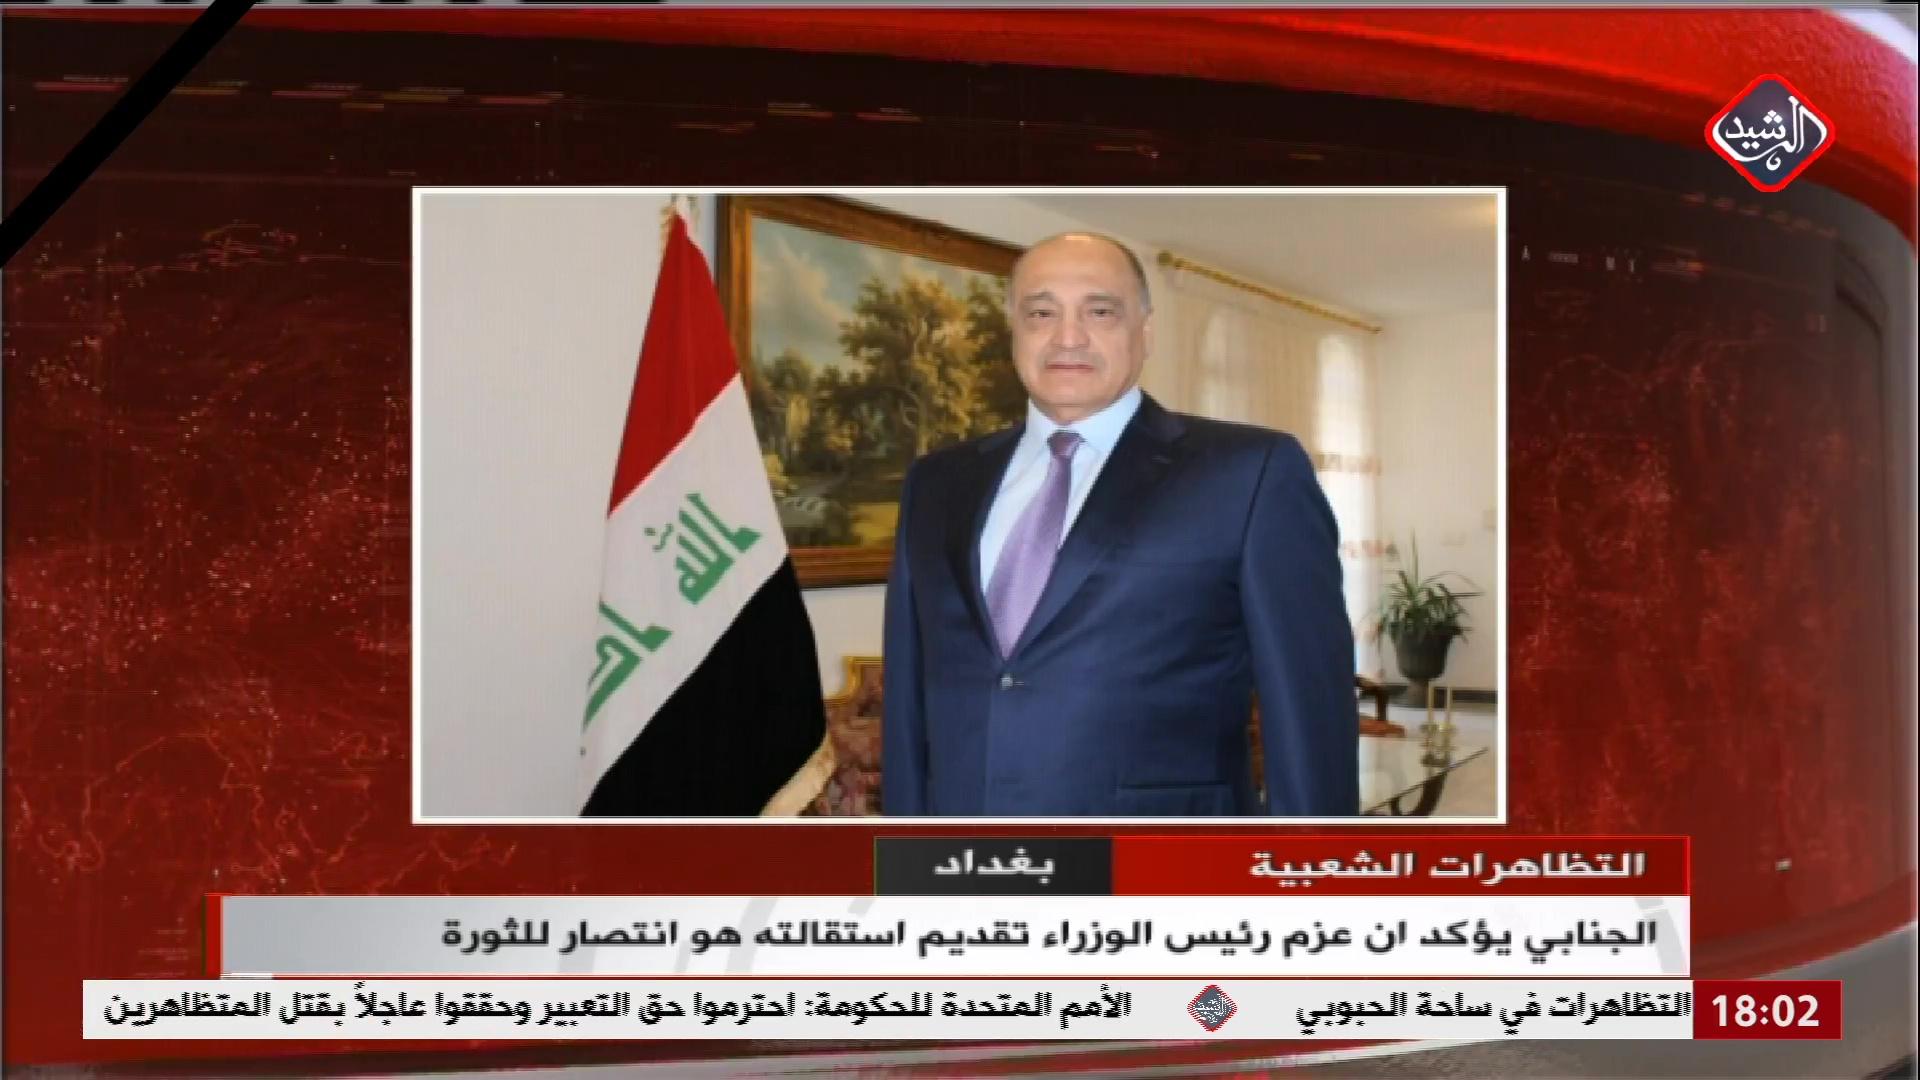 الجنابي يؤكد ان عزم رئيس الوزراء تقديم استقالته هو انتصار للثورة